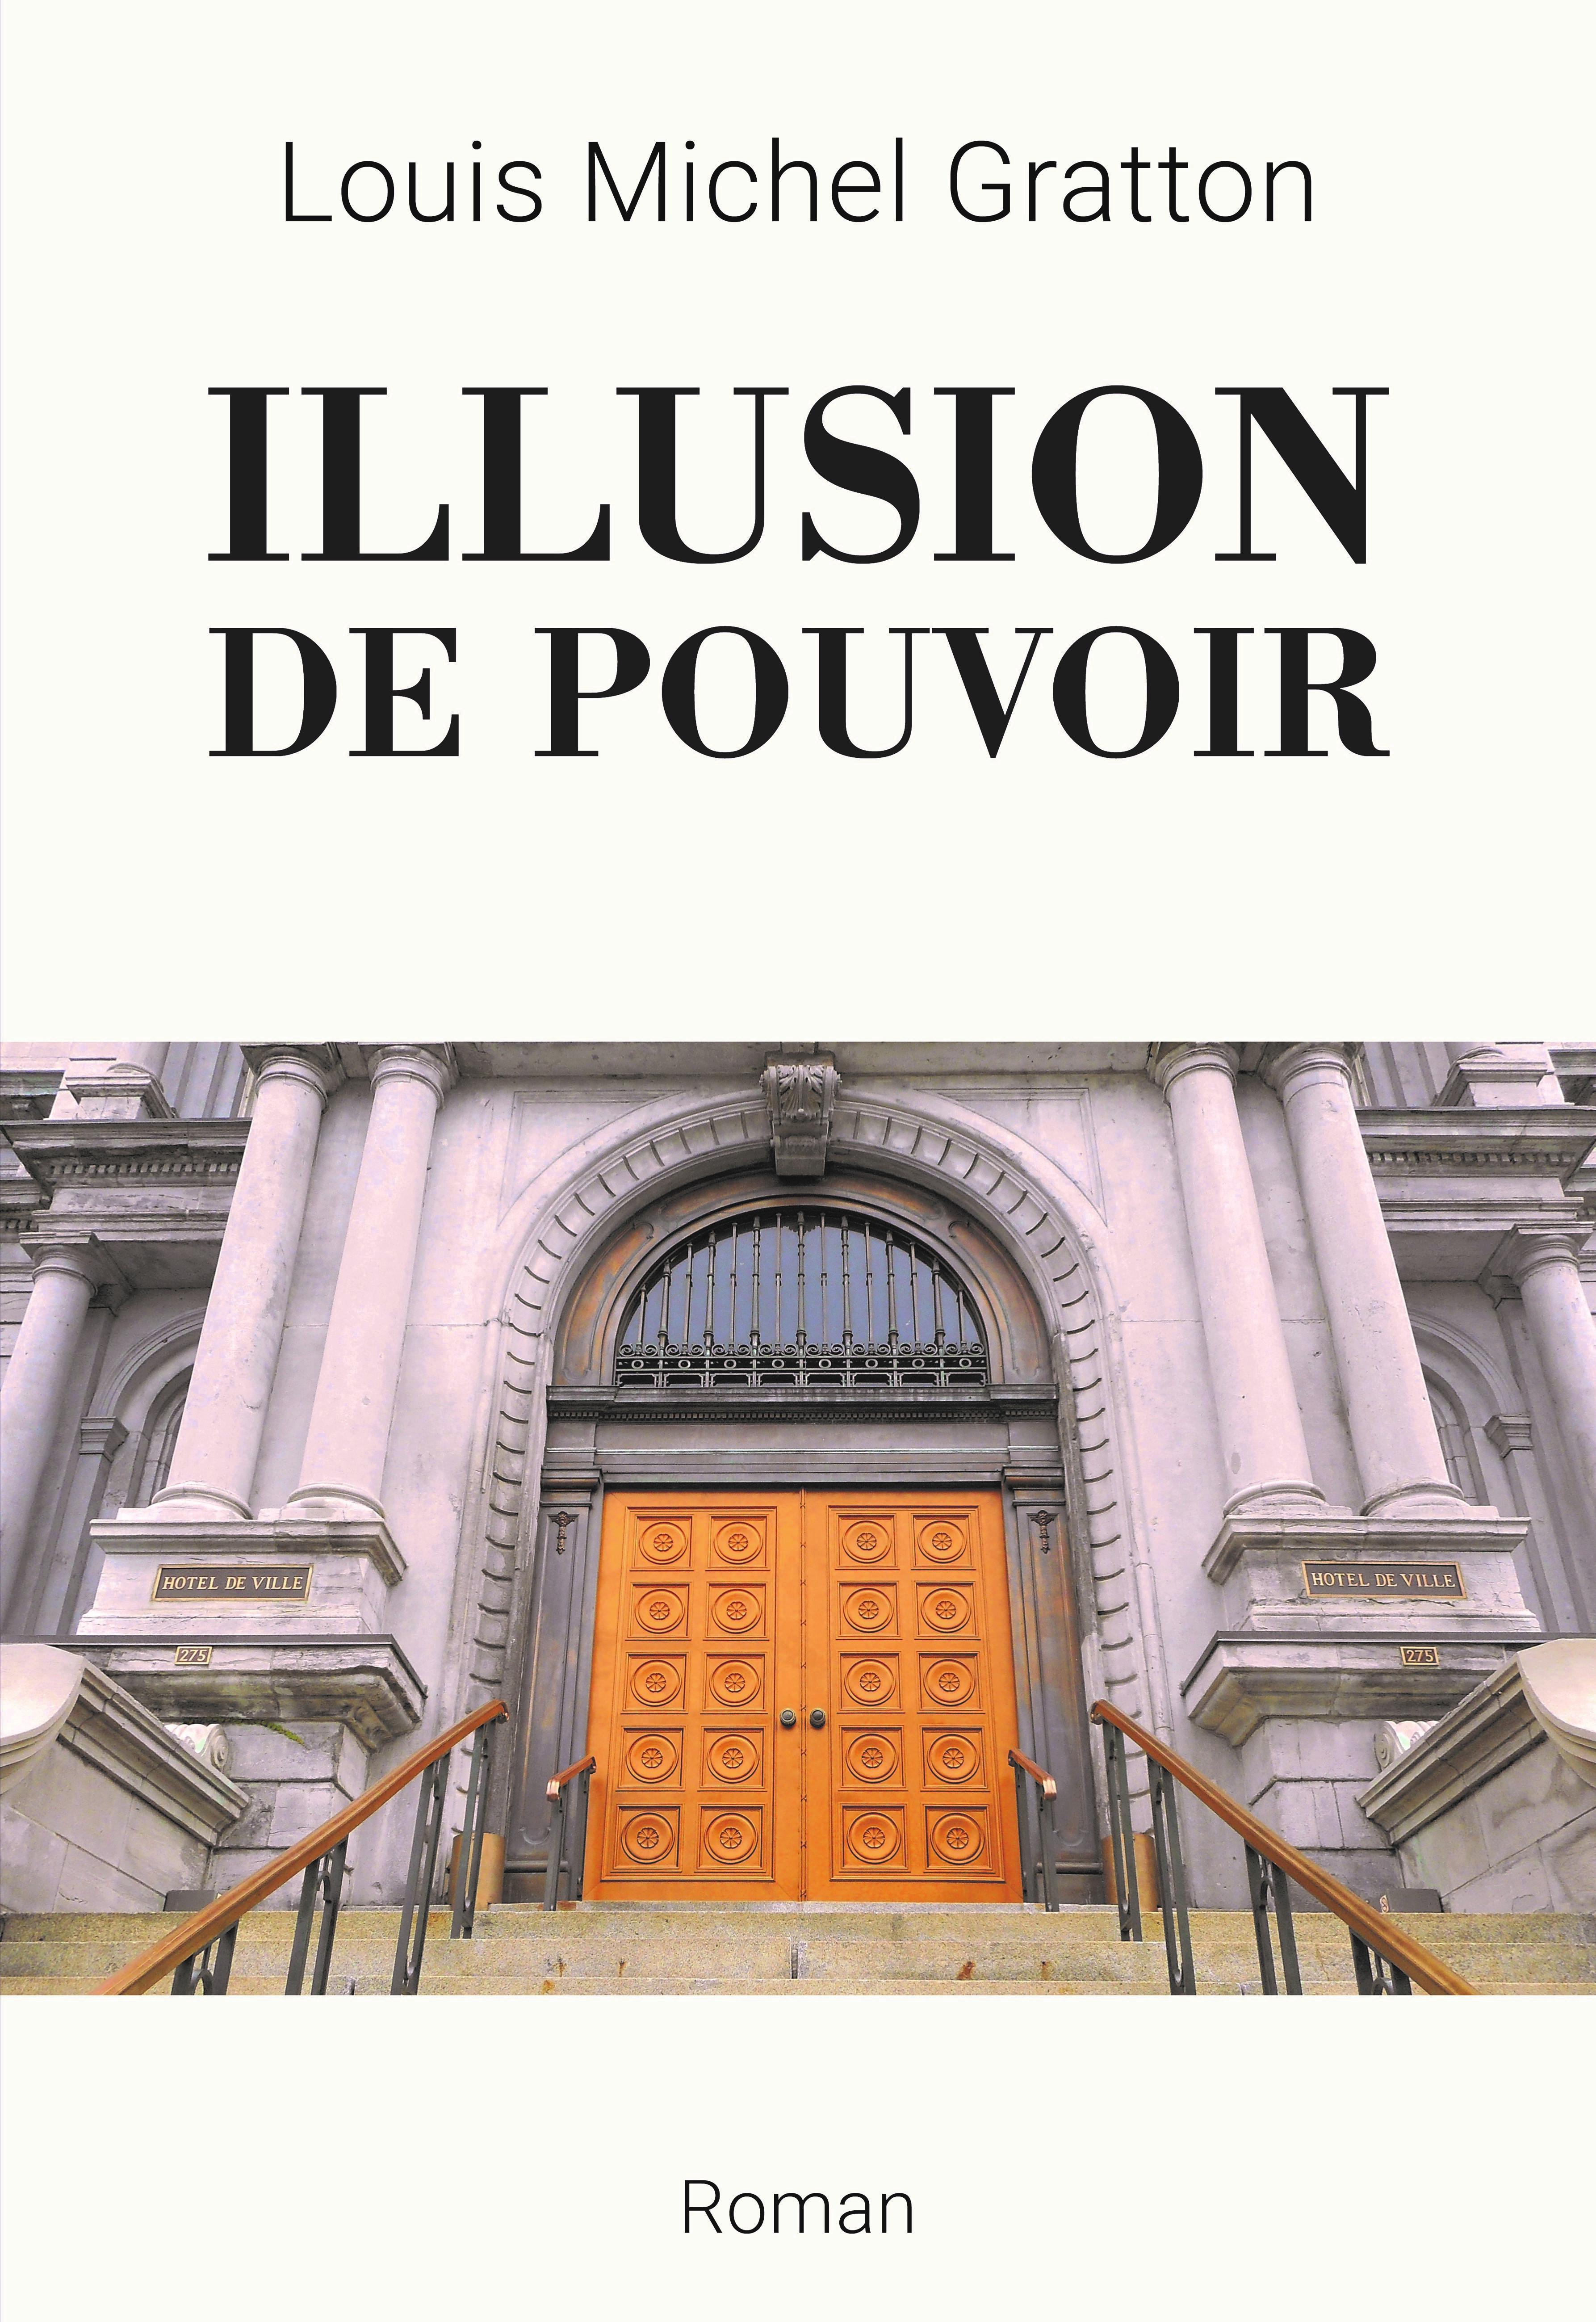 Louis Michel Gratton Oeuvre 2